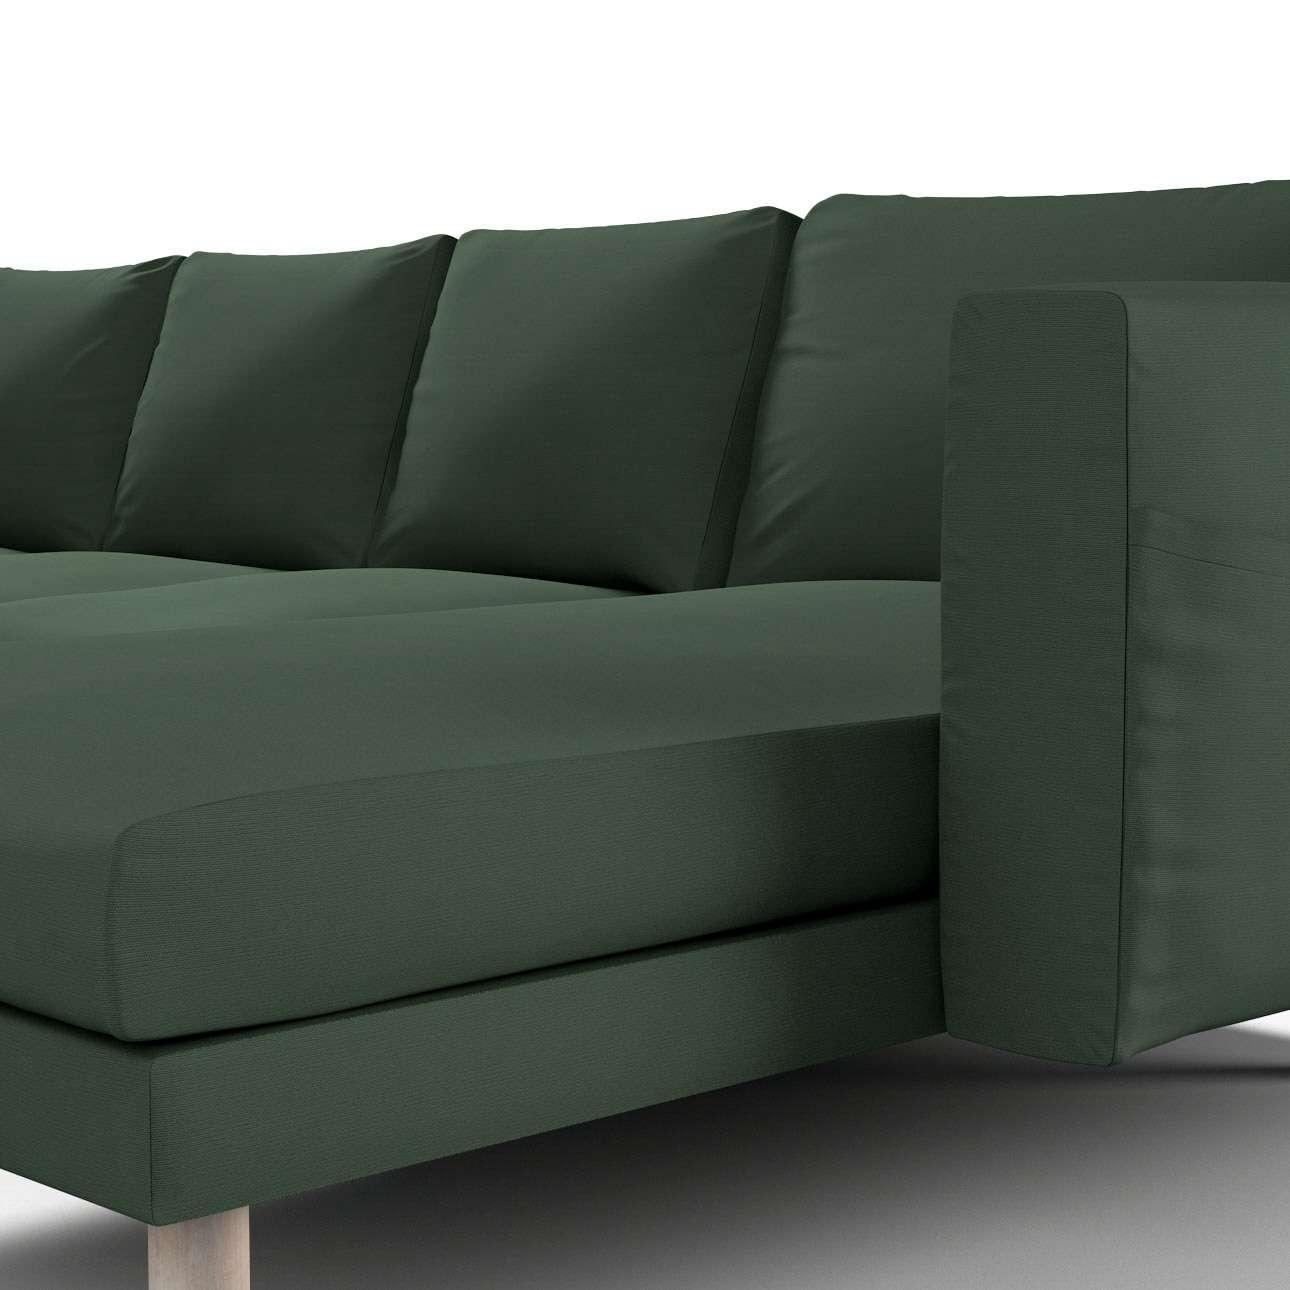 Pokrowiec na sofę Norsborg 4-osobową z szezlongiem w kolekcji Cotton Panama, tkanina: 702-06